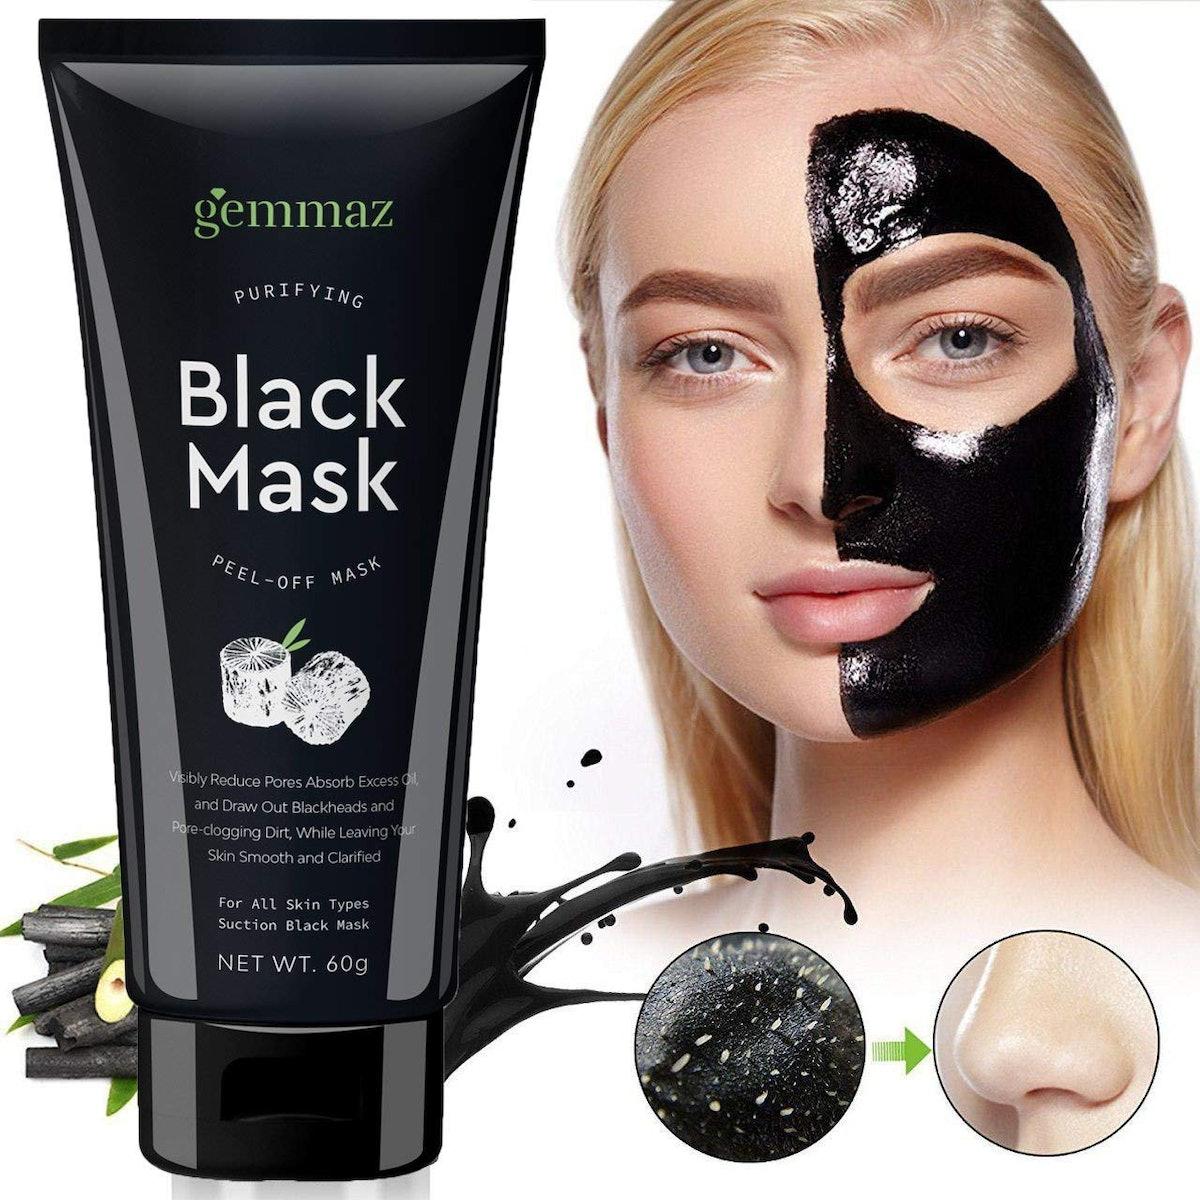 AsaVea Charcoal Black Mask